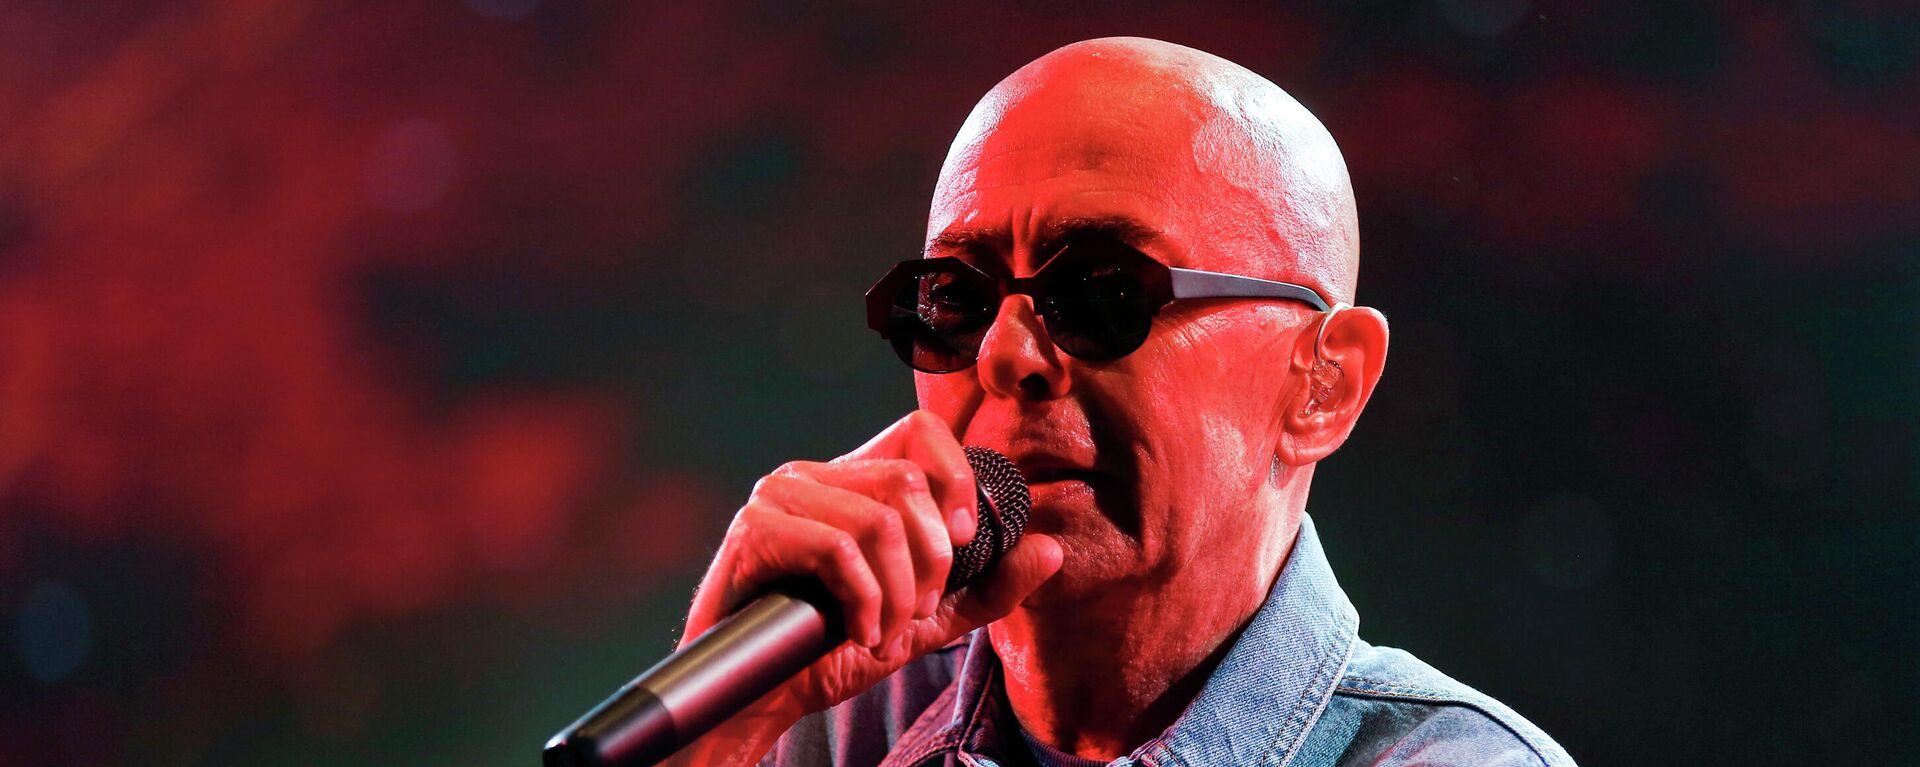 El cantante argentino Carlos 'Indio' Solari, exlíder de Patricio Rey y sus Redonditos de Ricota, durante un concierto en 2017 - Sputnik Mundo, 1920, 04.08.2021